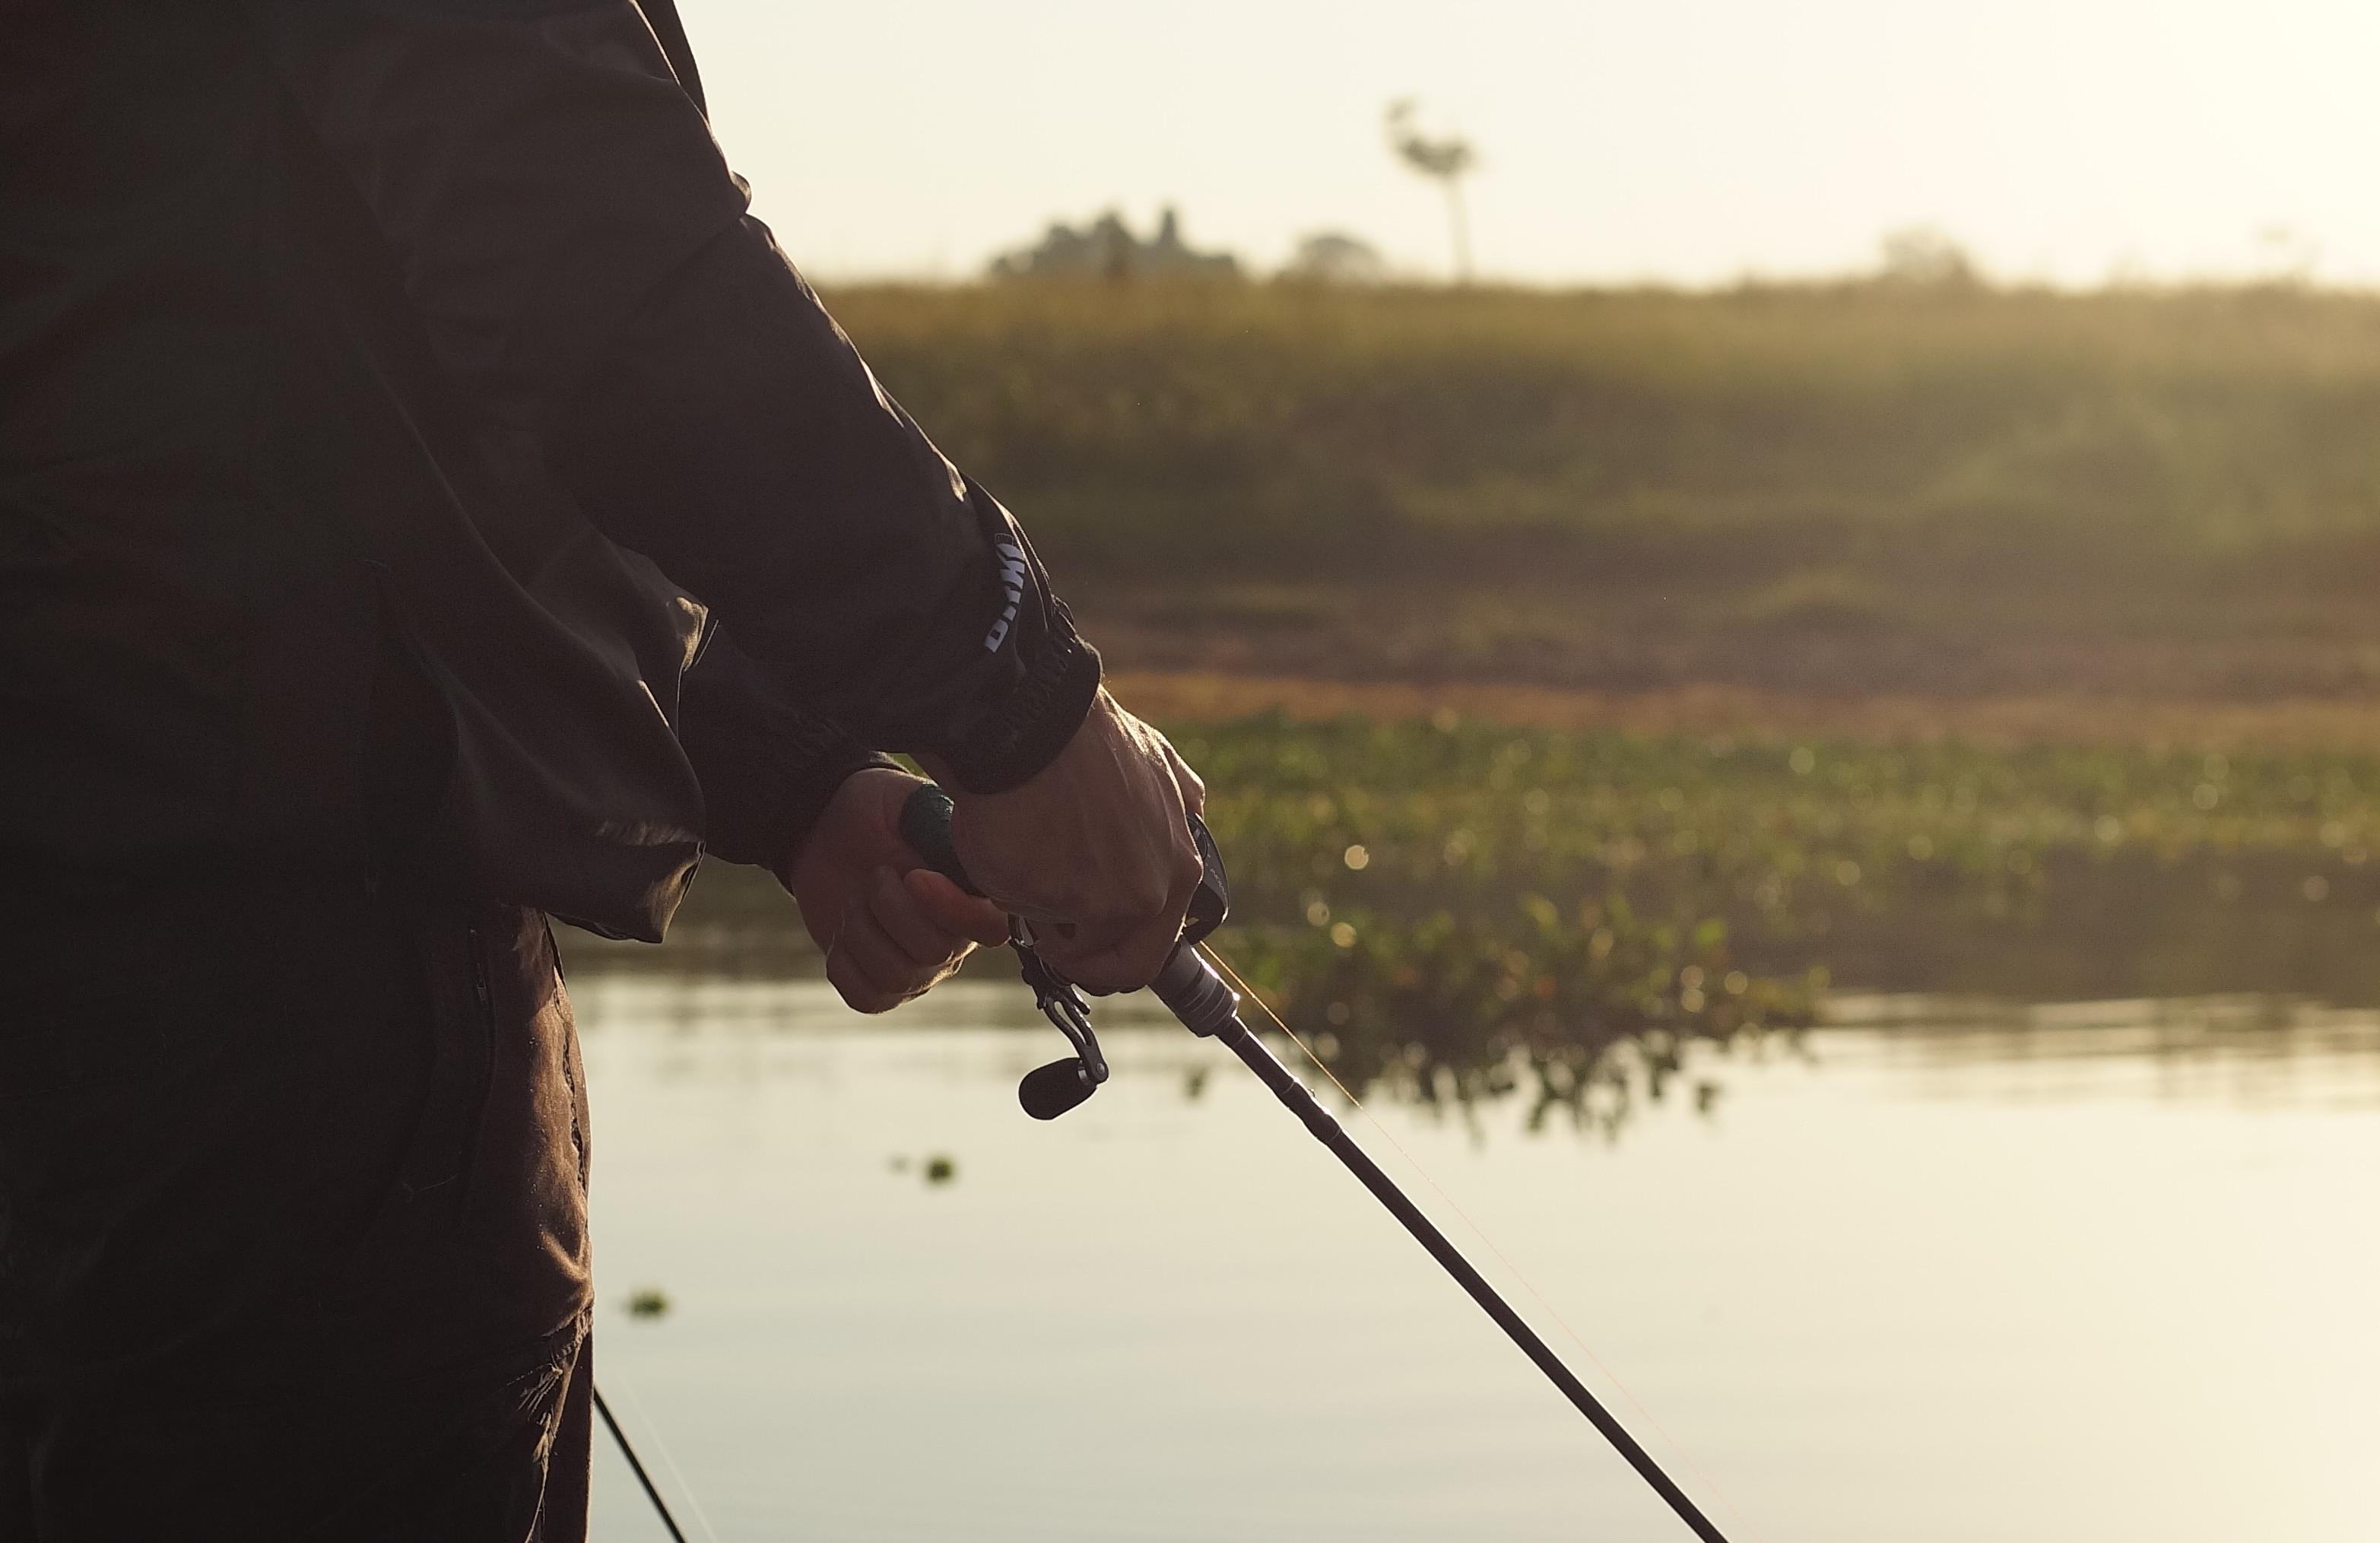 Apresentador quer mostrar que a técnica pode fazer a diferença na pesca urbana